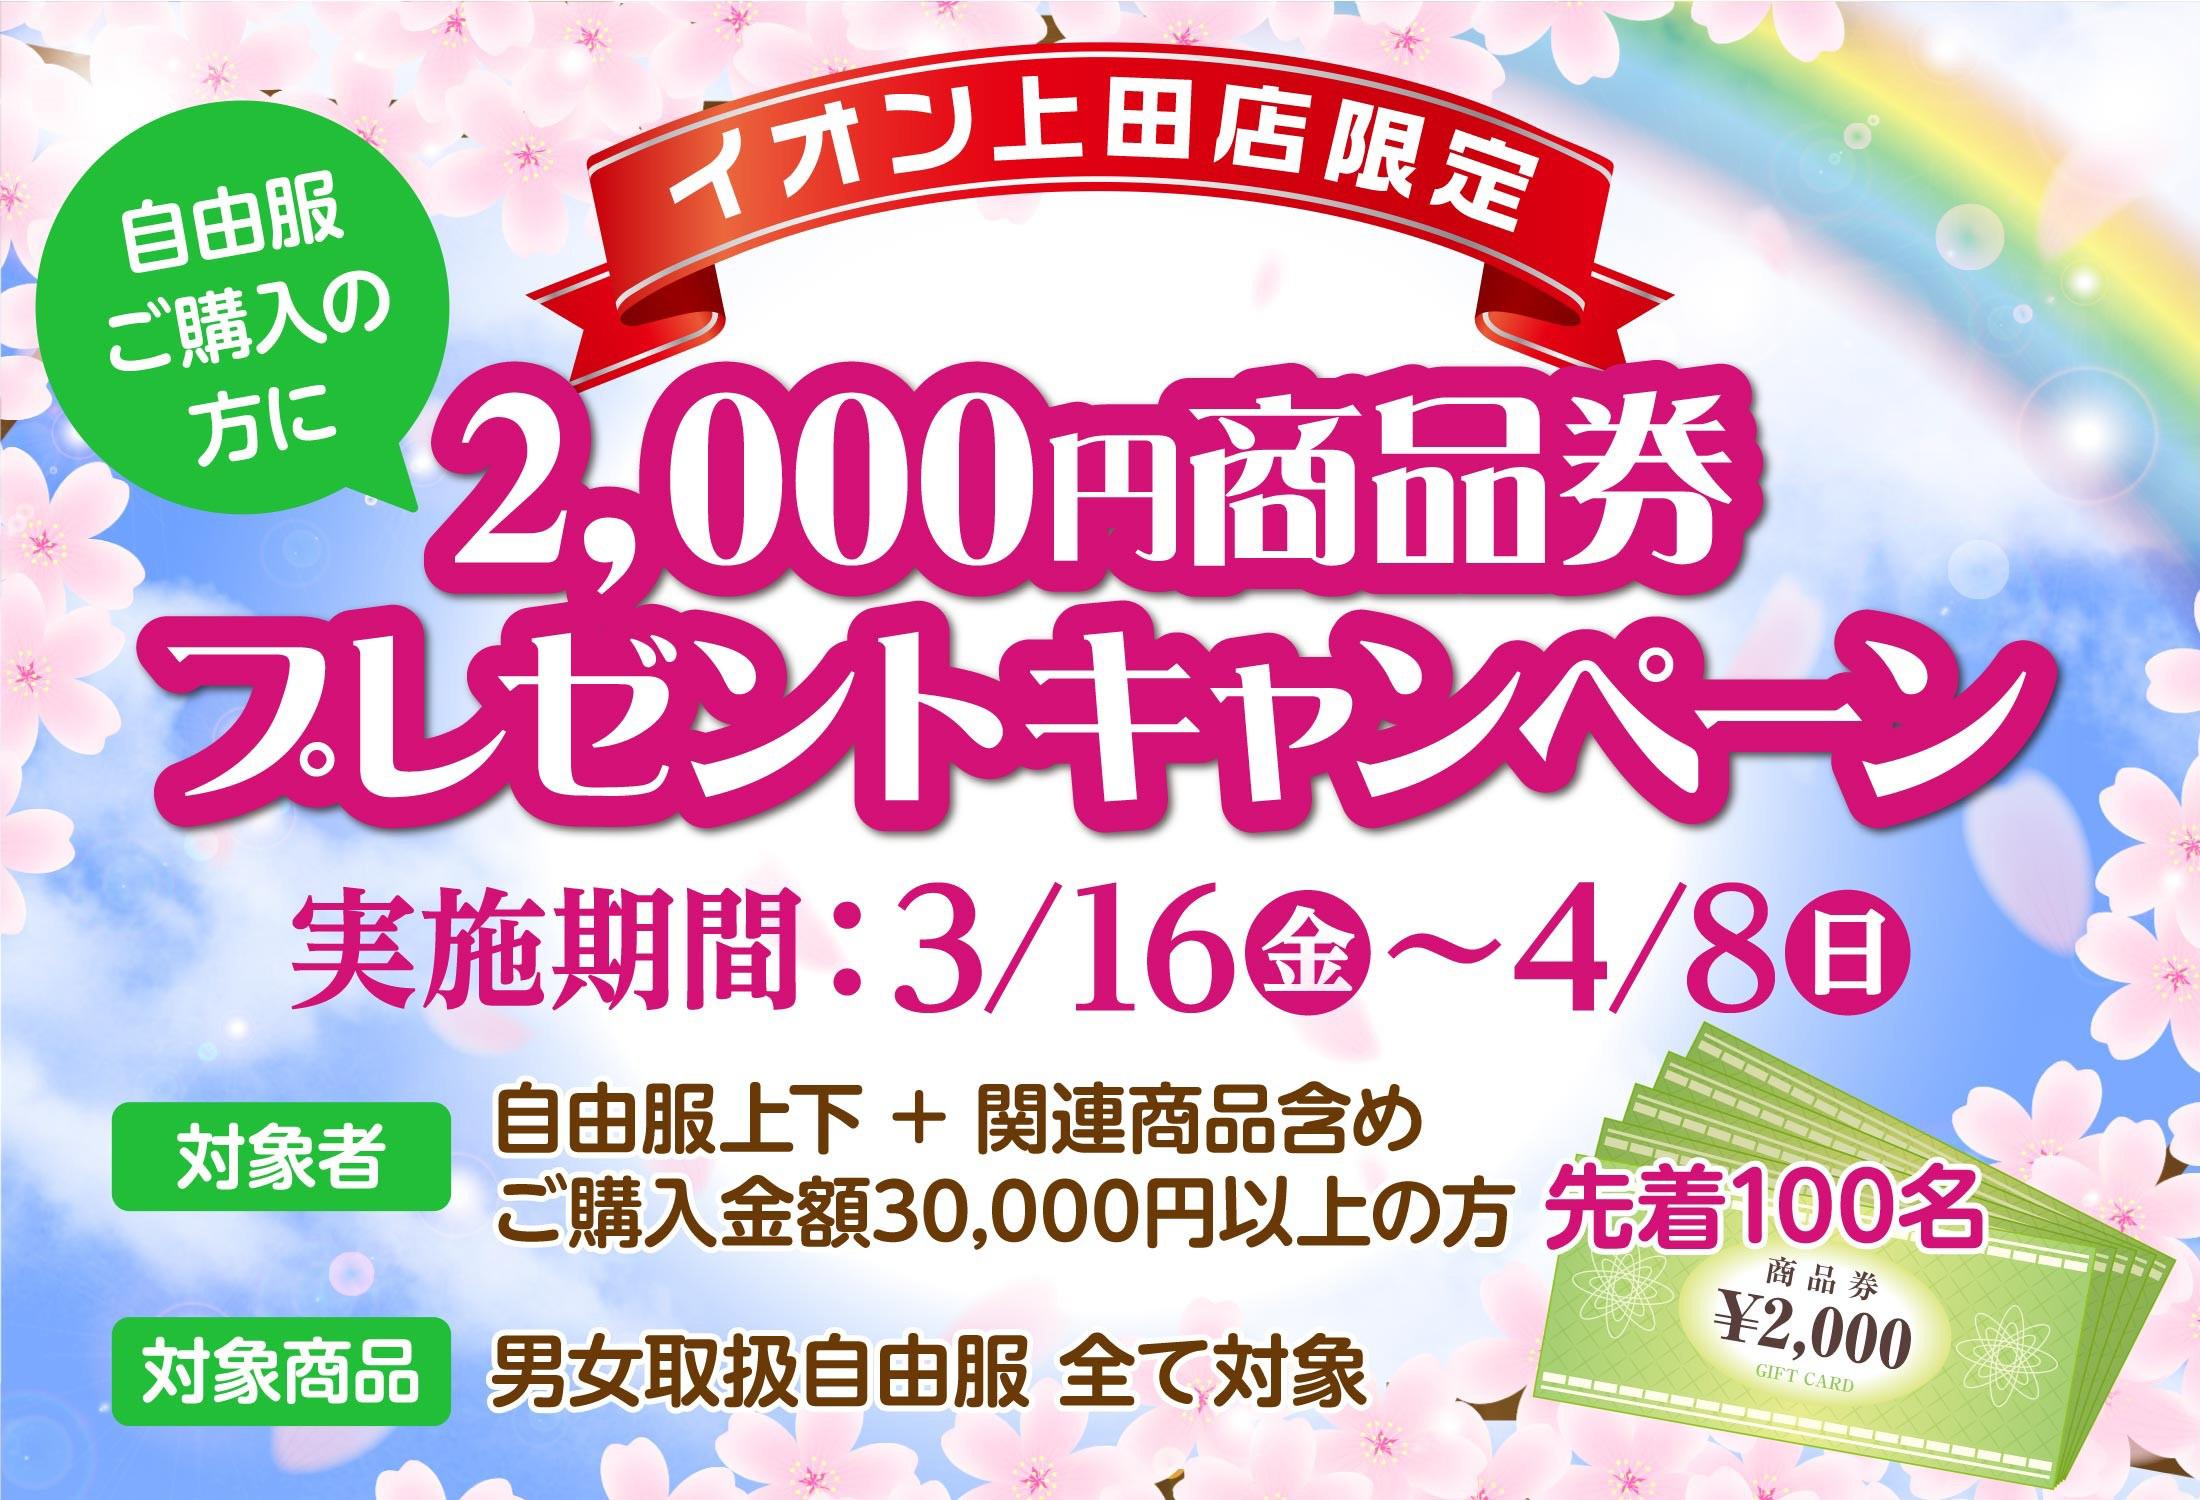 【イオン上田店限定】 2,000円商品券 プレゼントキャンペーン 3月16日~4月8日まで